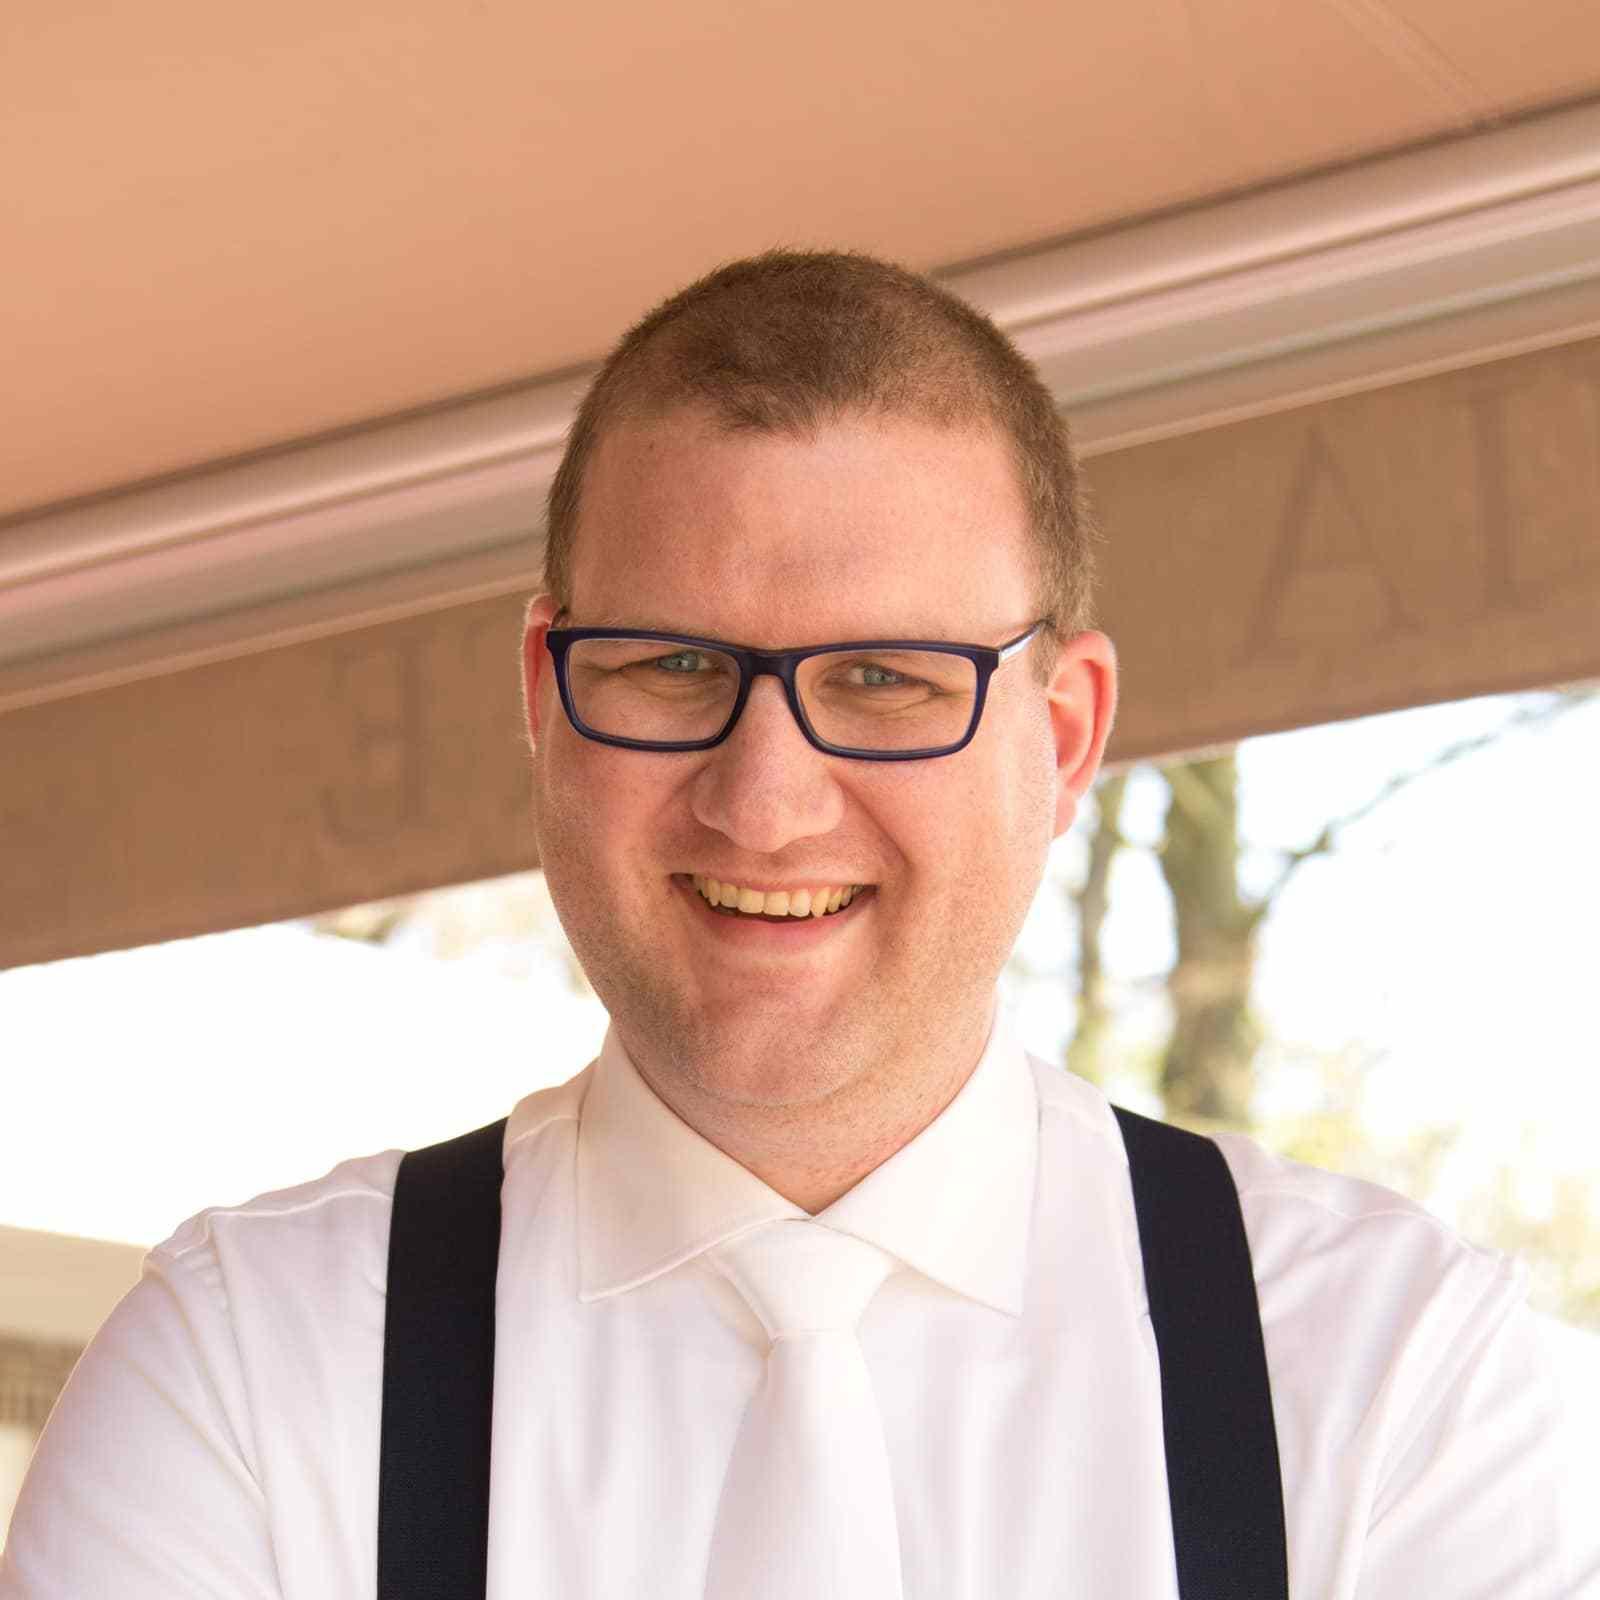 Sander Los - Boekhouder / Belastingadviseur in Goutum